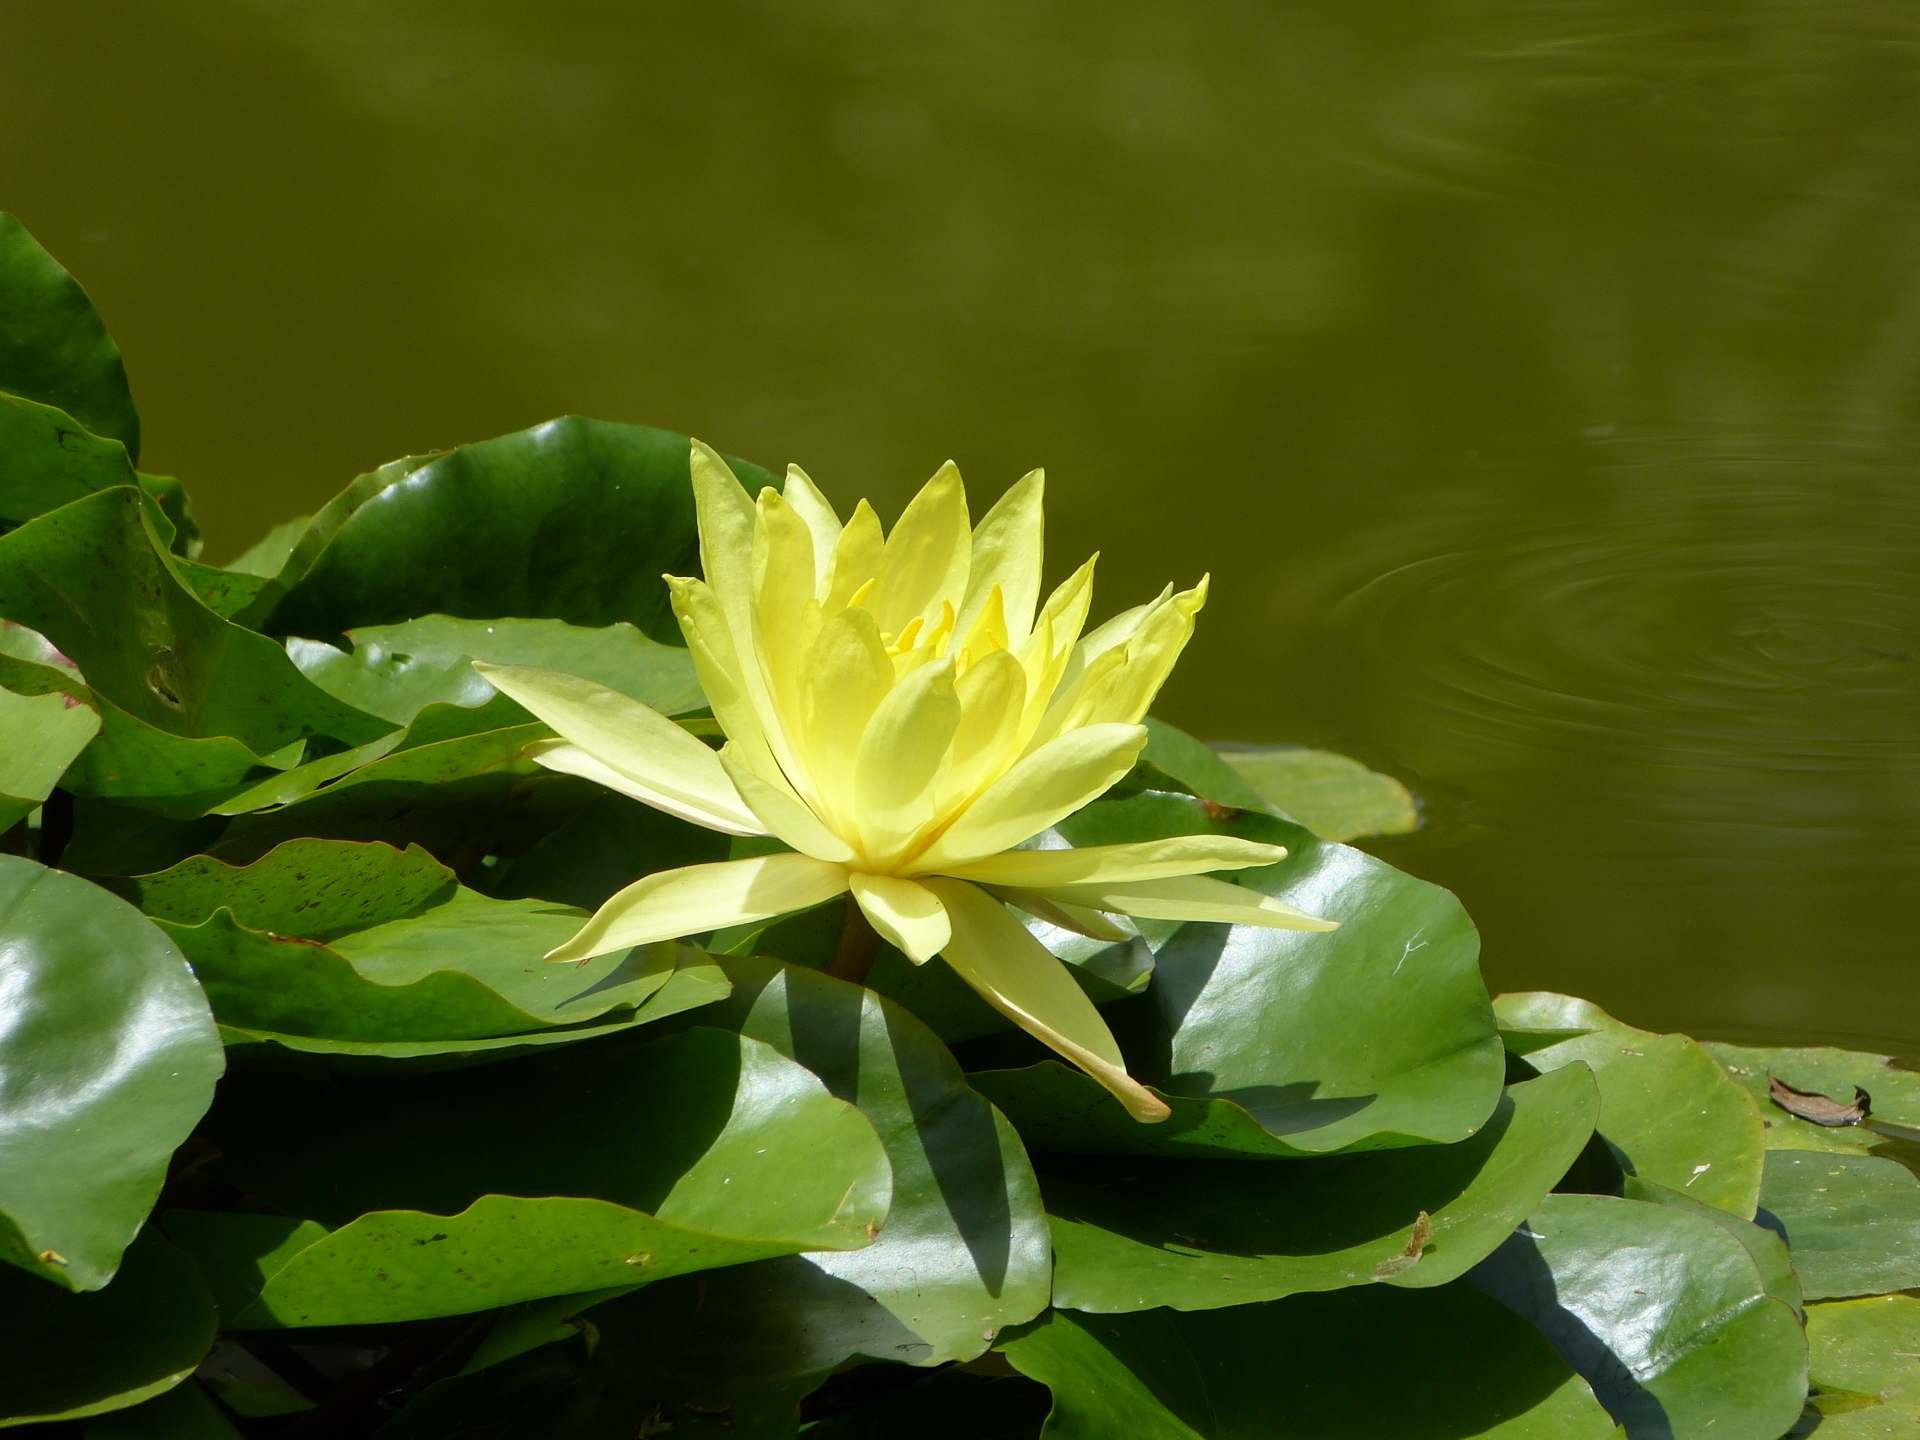 Eindrücke vom Jardin Botanico: Seerosen in allen Farben